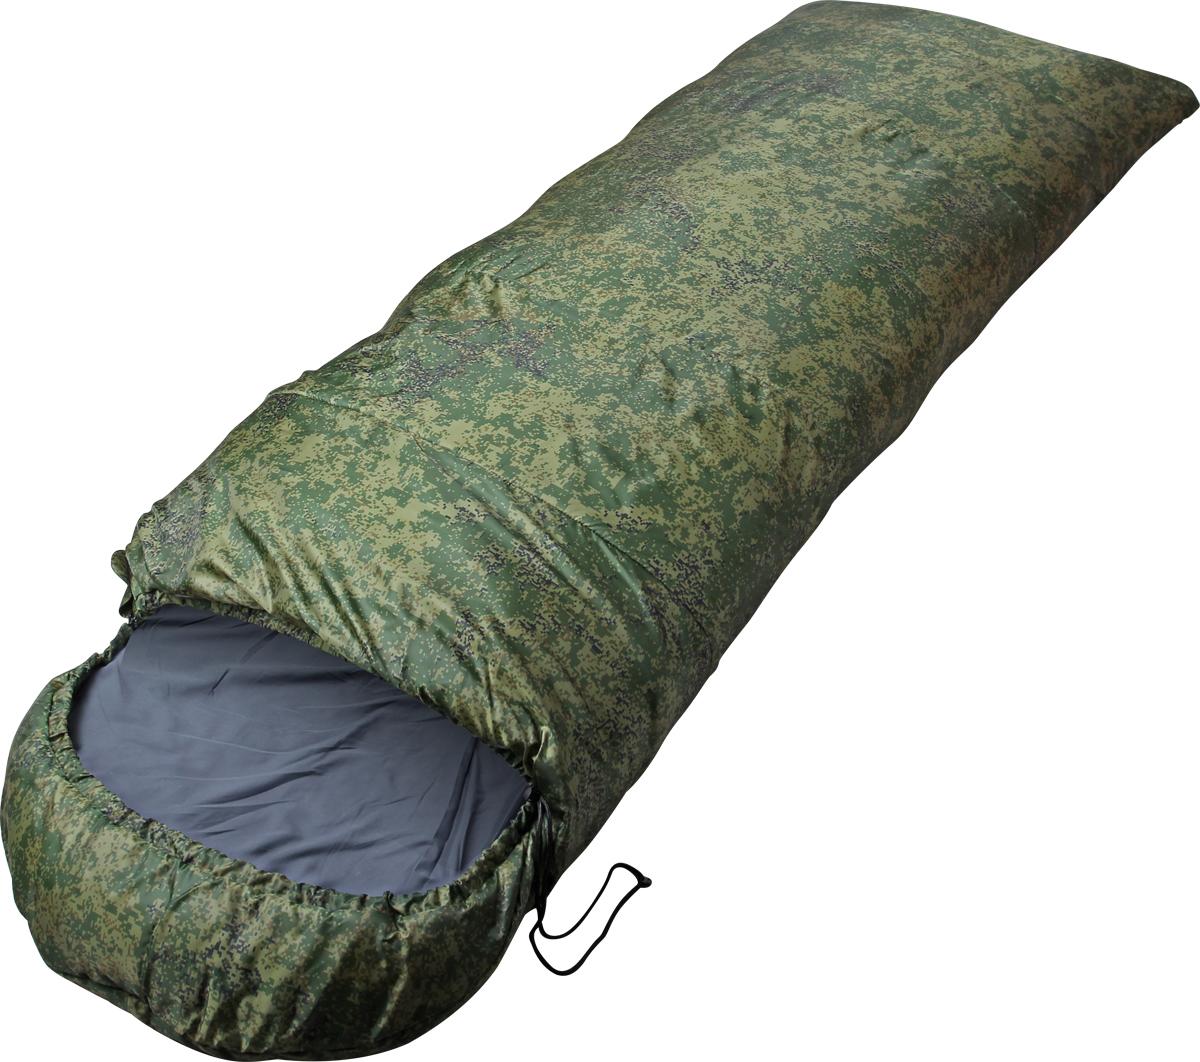 Мешок спальный Сплав Scout 2 K, левосторонняя молния, цвет: зеленый, 190 x 35 x 80 см